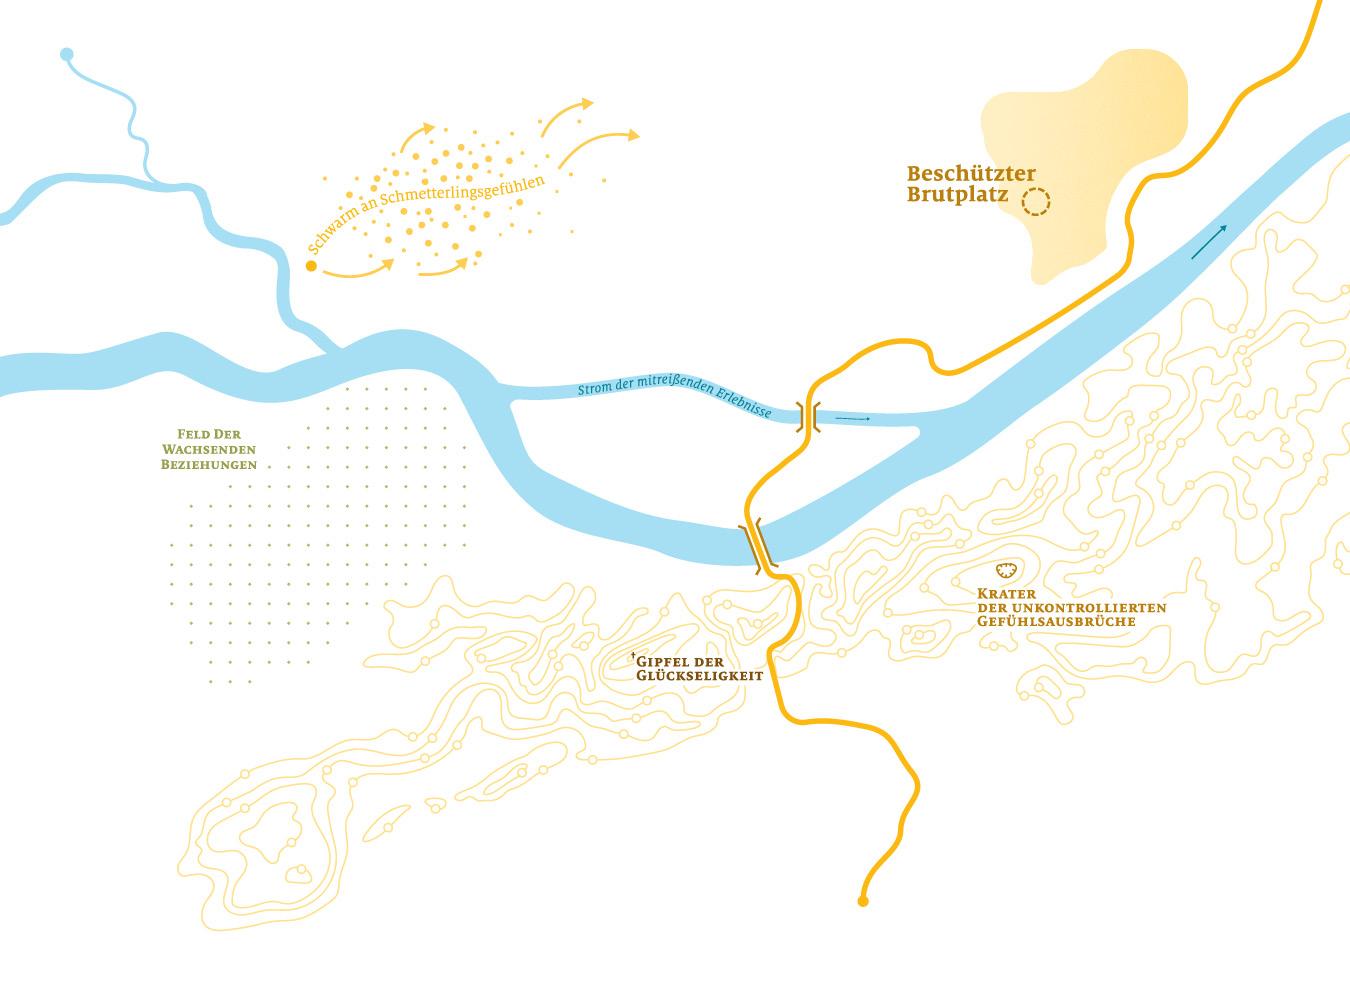 Illustration Landkarte mit Begriffen wie Gipfel zur Glückseligkeit zur Verortung